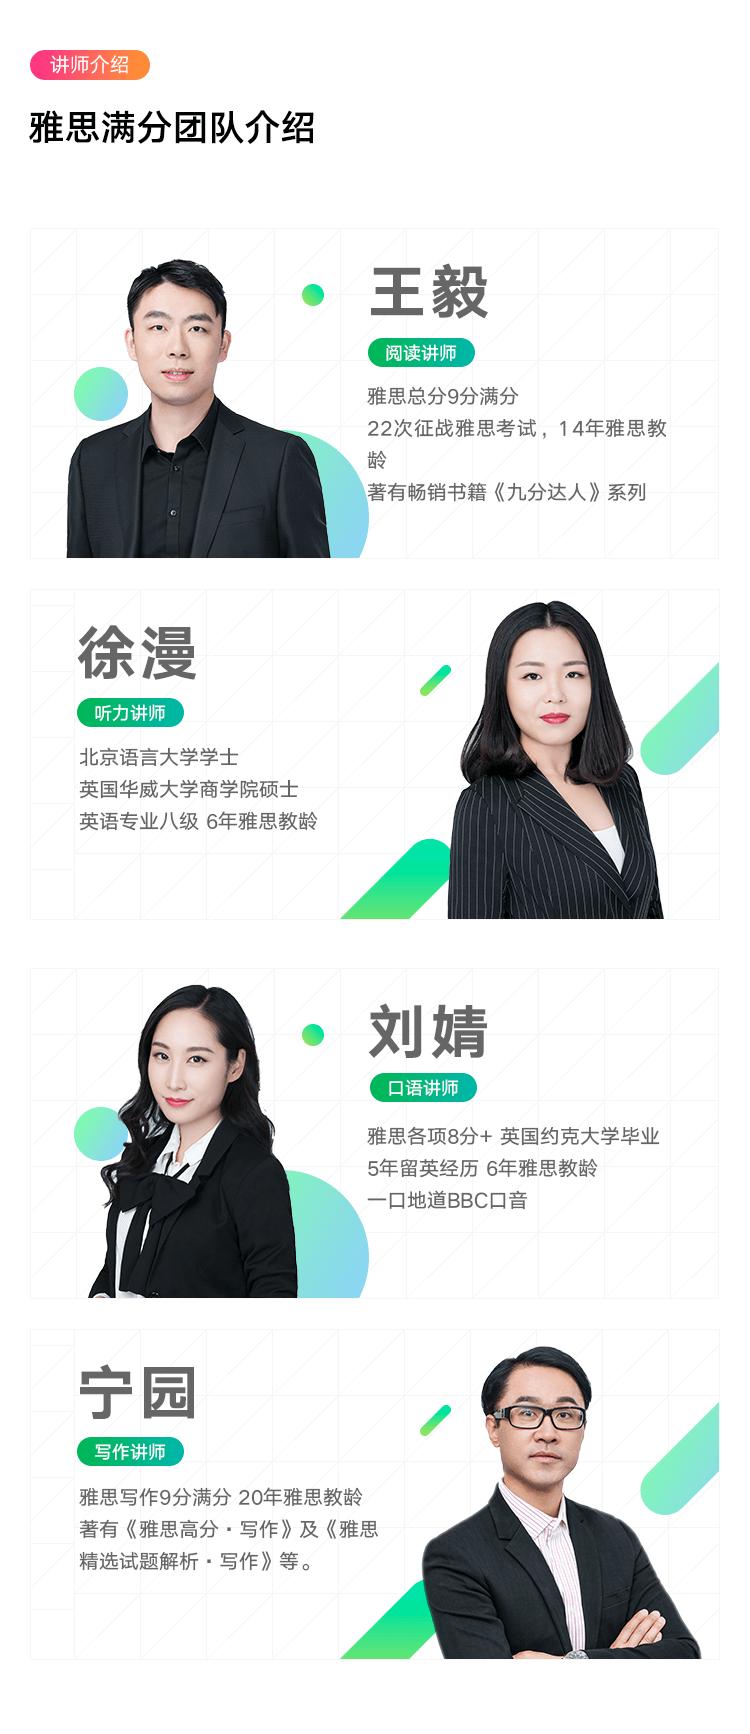 名师介绍2.png